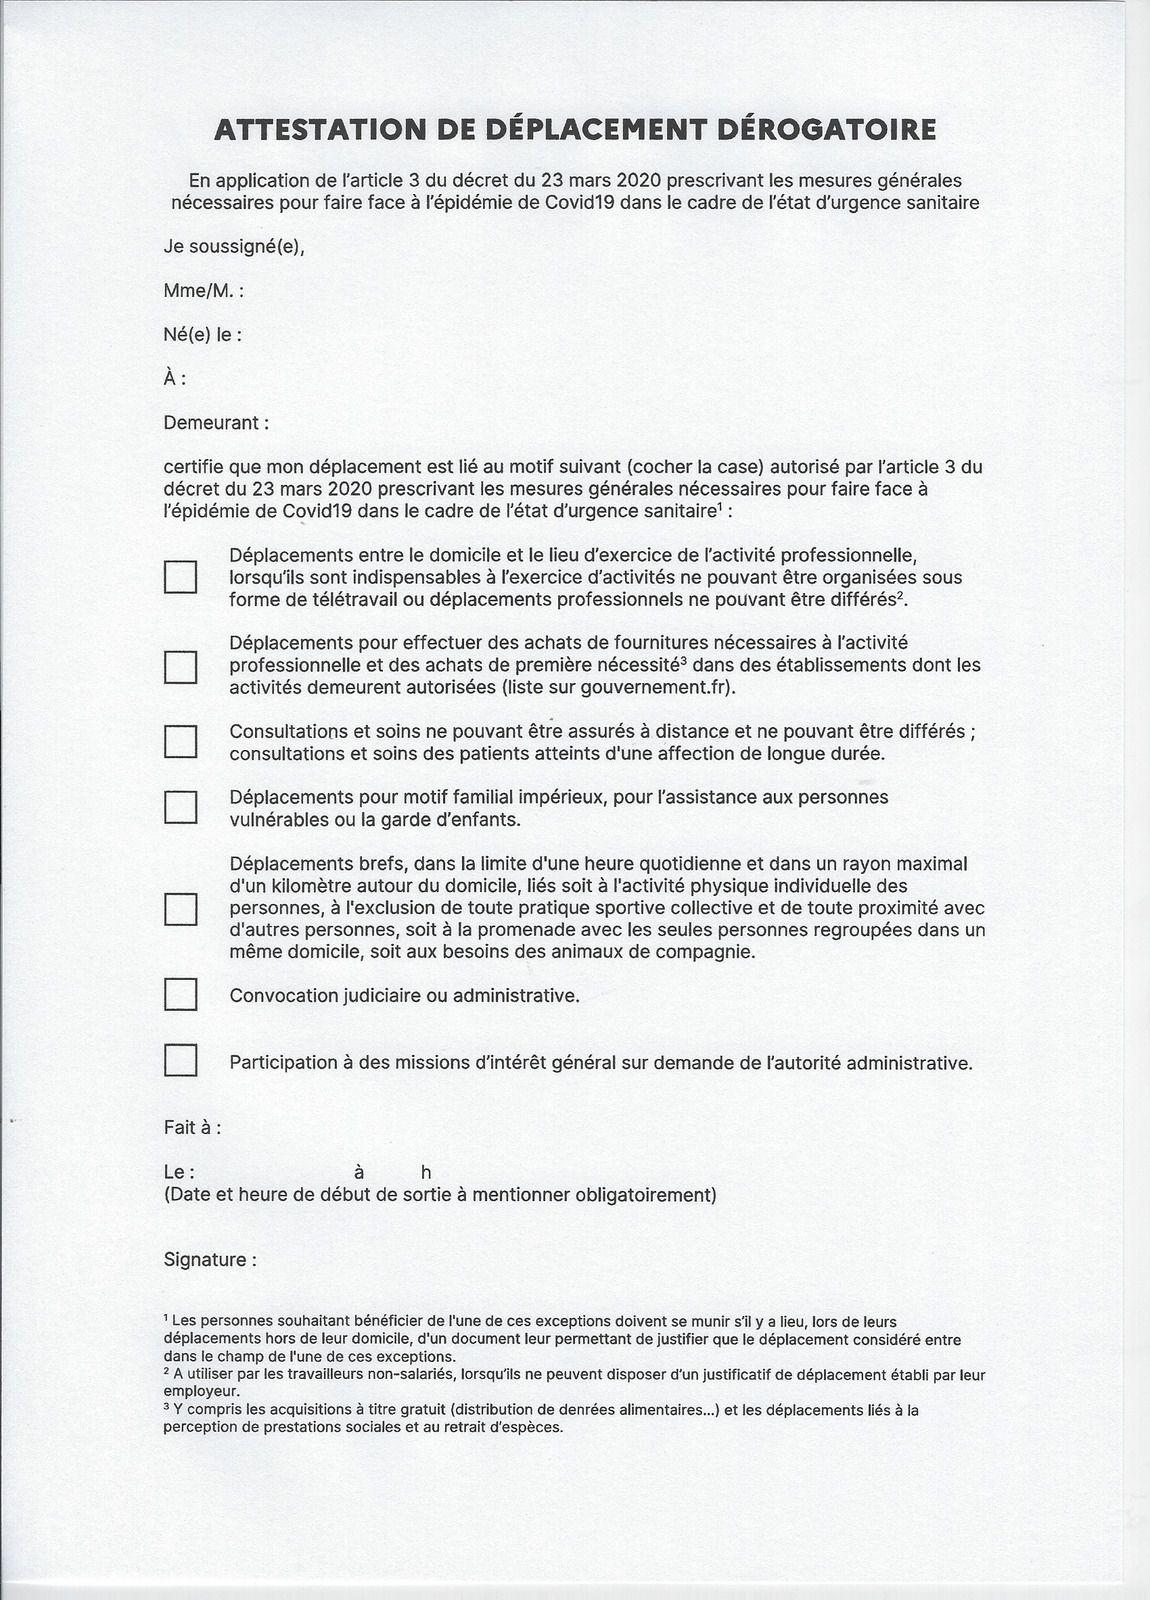 CORONAVIRUS : NOUVELLE ATTESTATION DE DÉPLACEMENT DÉROGATOIRE